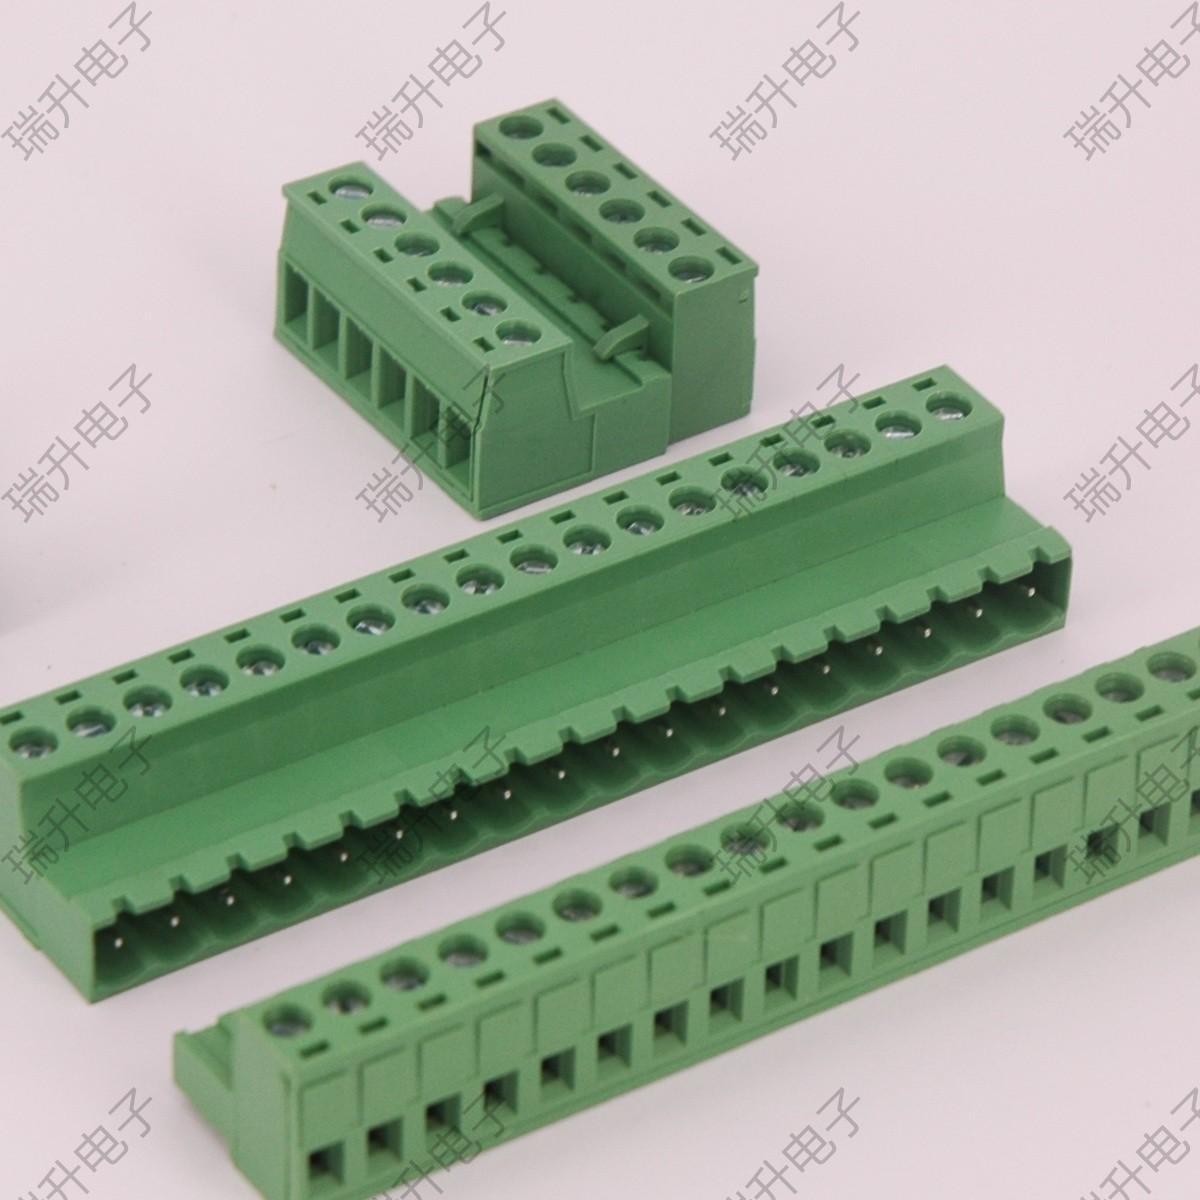 Подключаемый клеммный блок для подключения сварки KF 2EDGRK-5,08 2P3P4P5P6P8P10P12P - 20P